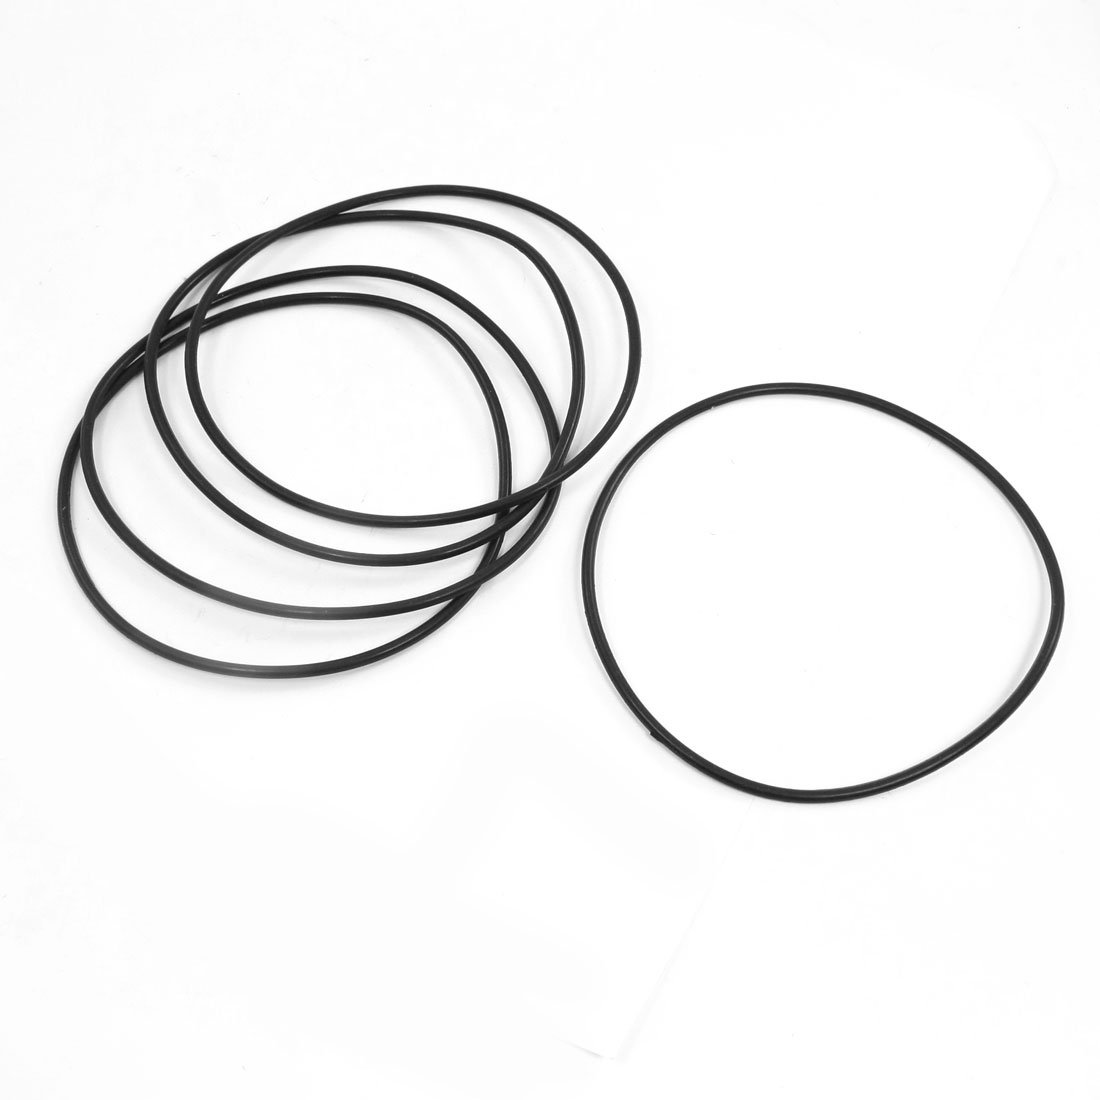 Sourcingmap, a14022400ux0362, 115 mm x 3.1 mm guarnizioni filtro olio O-ring tenute 5 pezzo